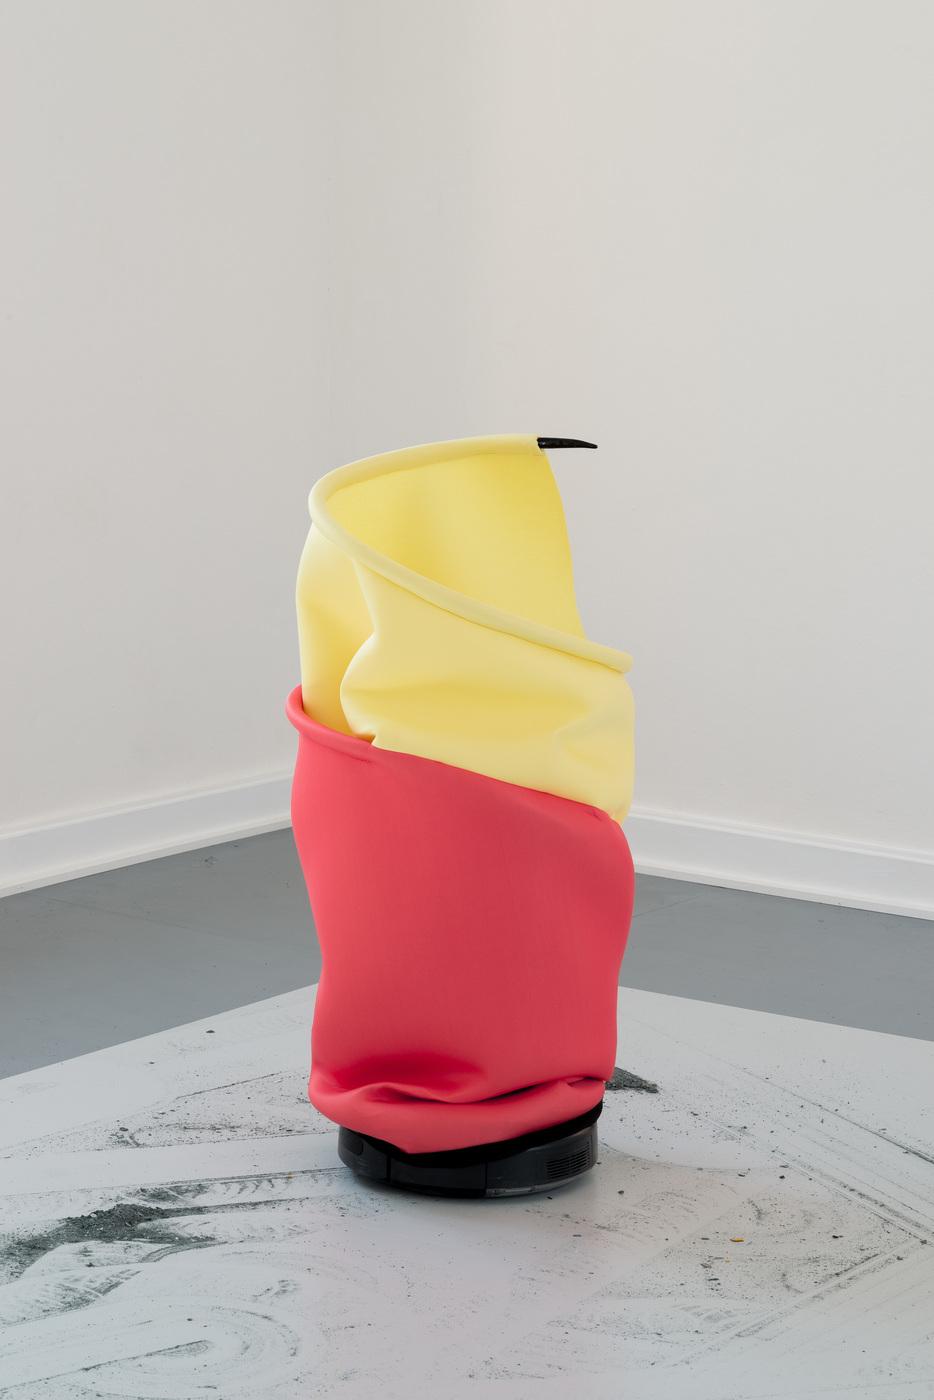 ProcessPerformancePresence_Duchovny Gerlach at Kunstverein Braunschweig 2